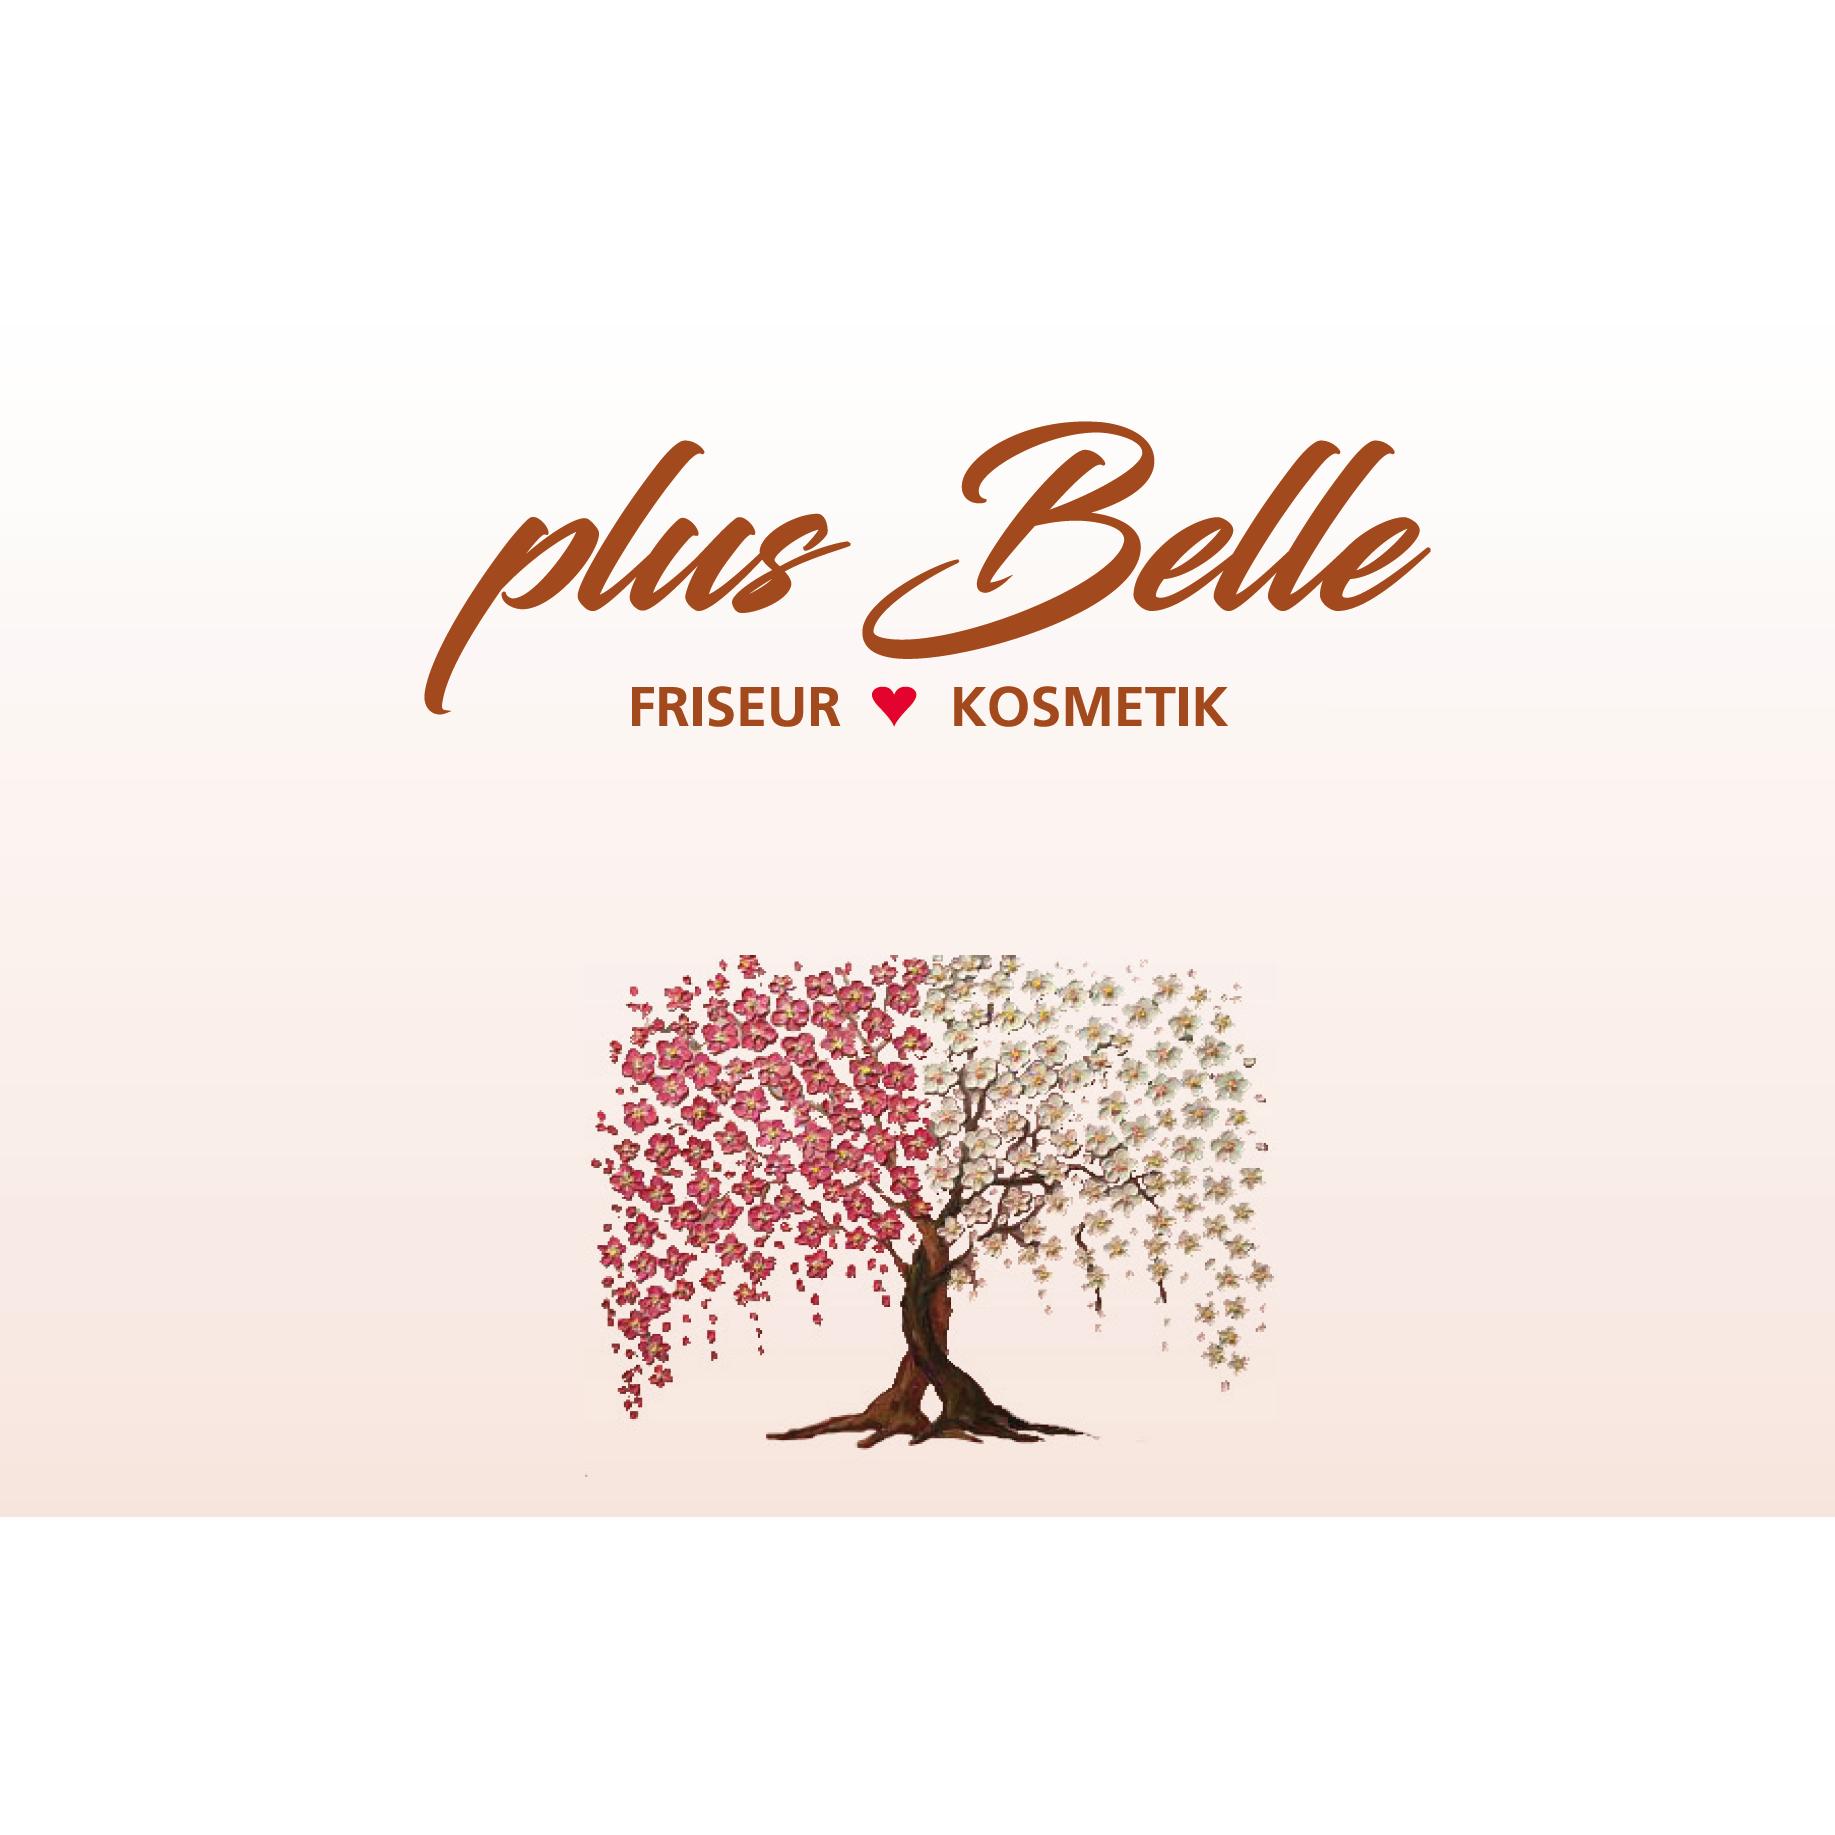 Logo von Plus Belle Friseur und Kosmetik